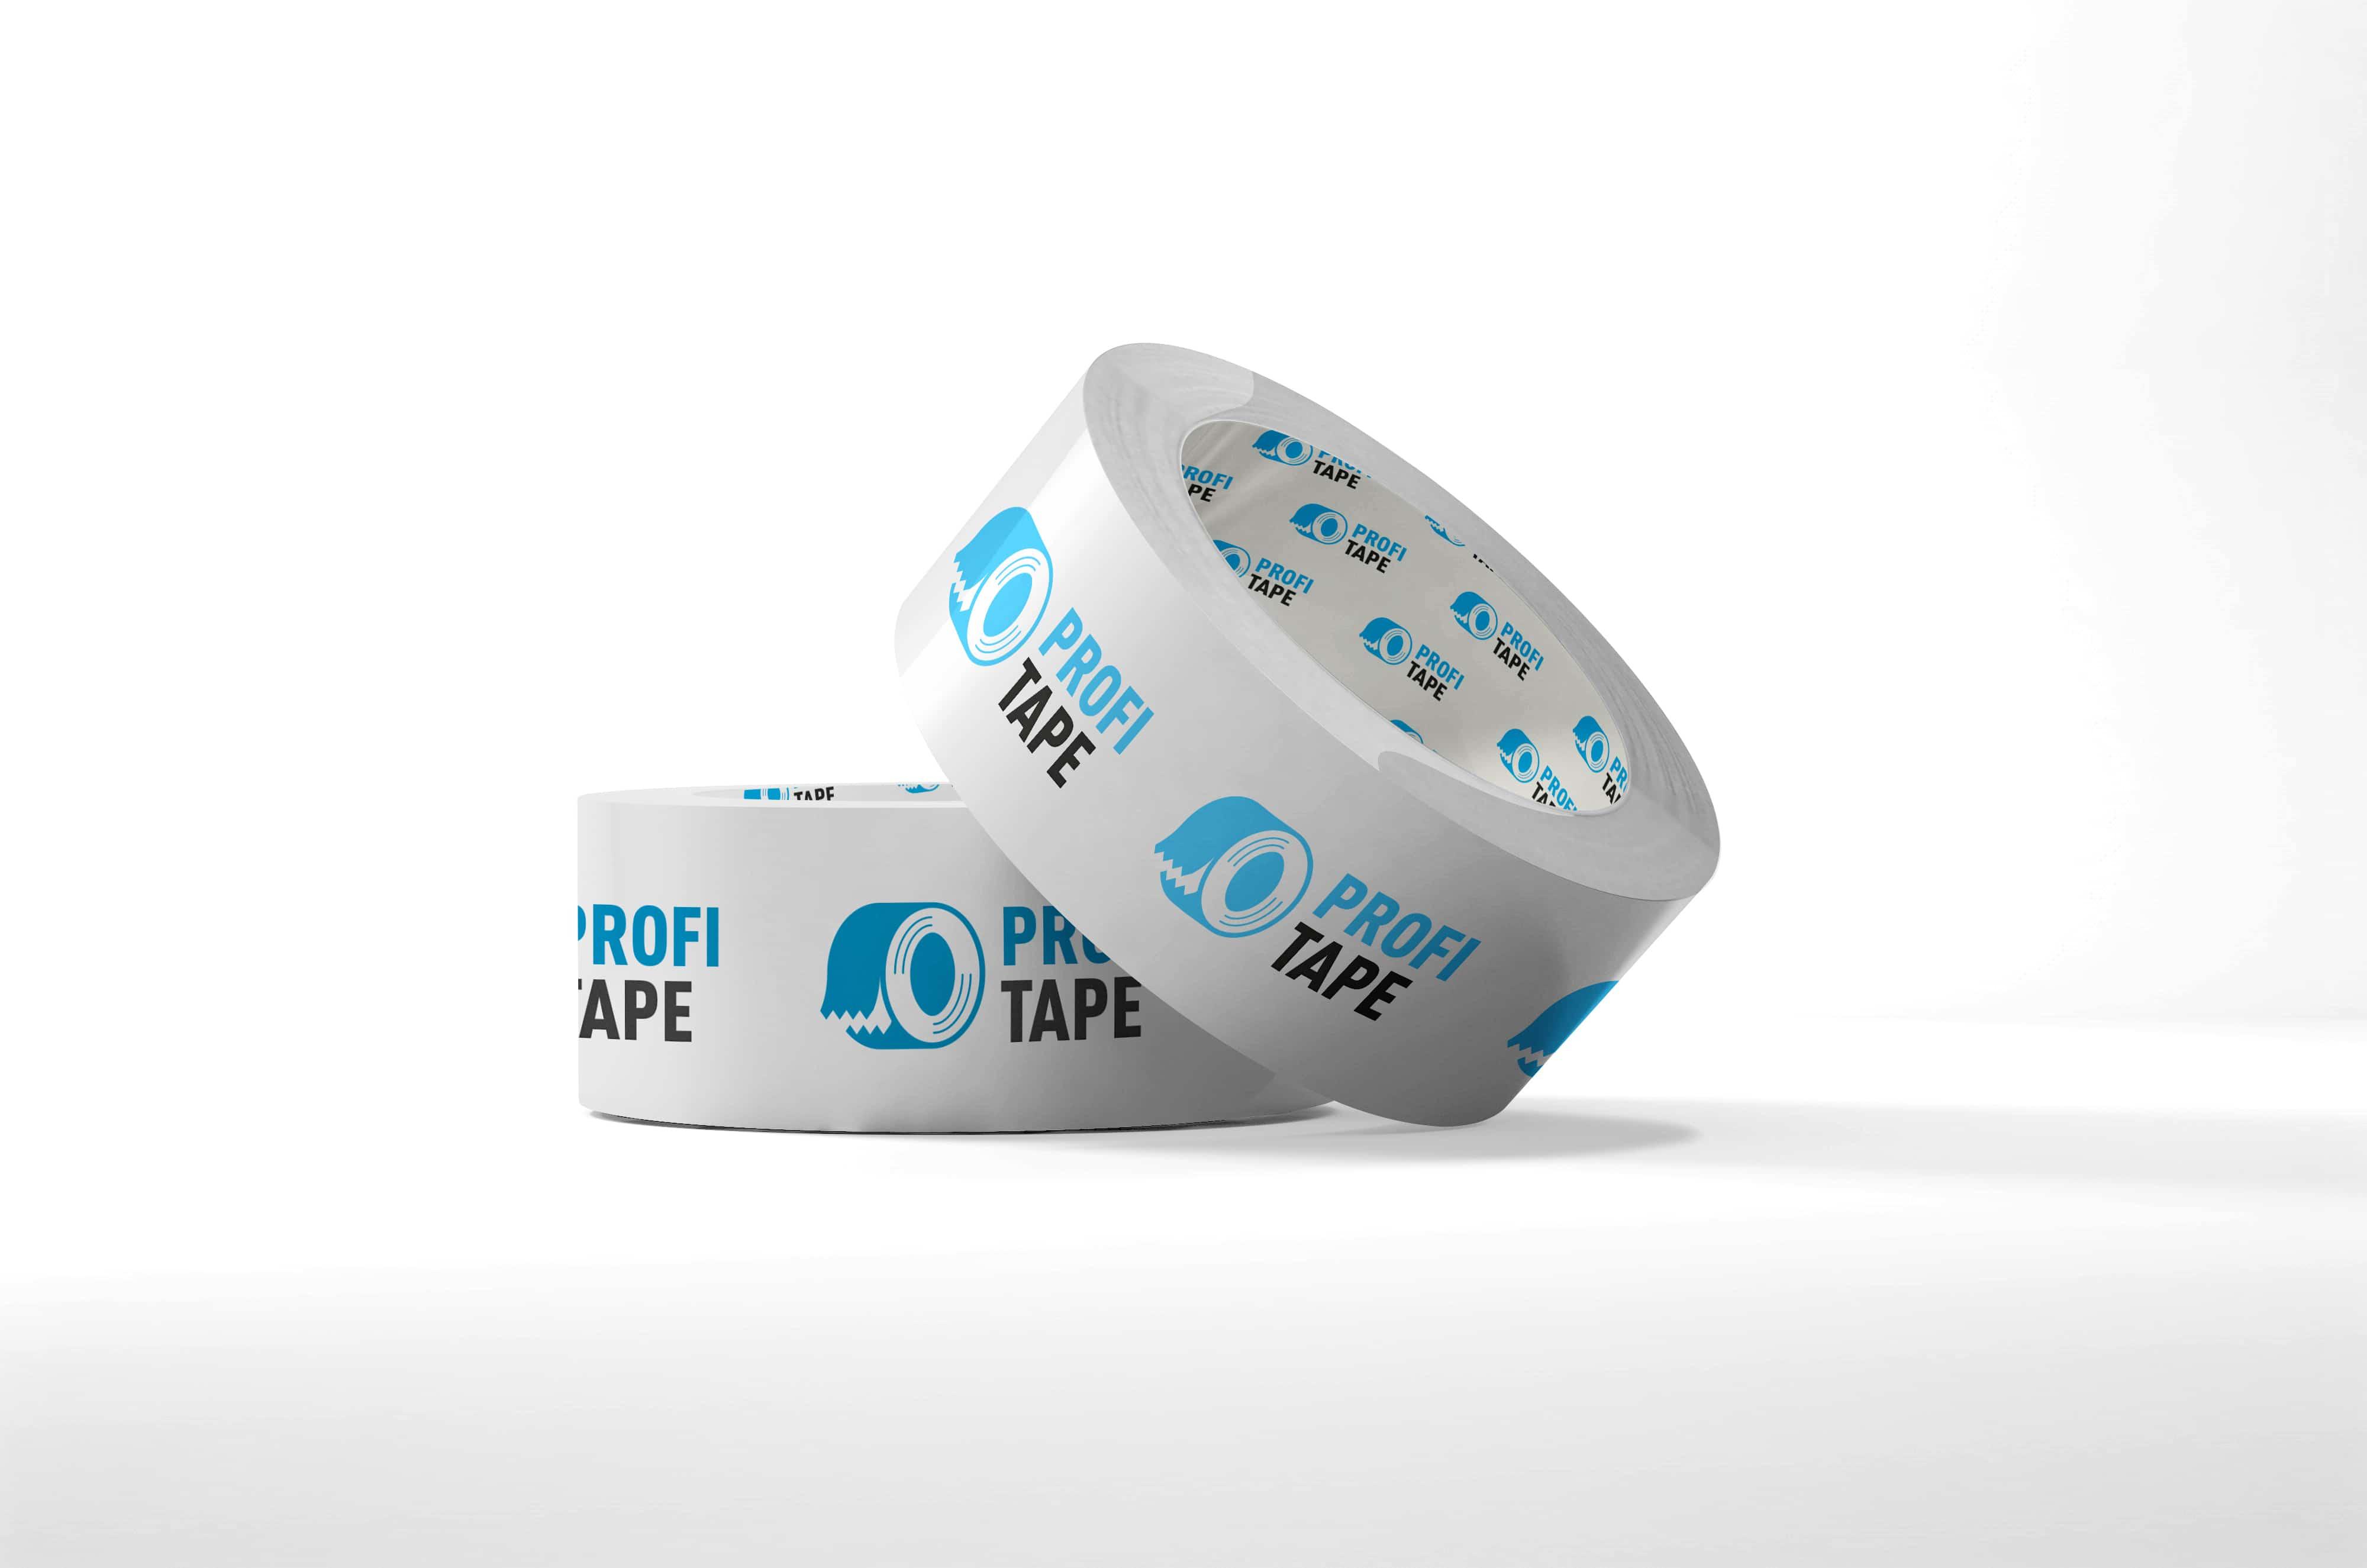 Bedrukte PP acryl tape - 50mm x 66m (2 kleuren)